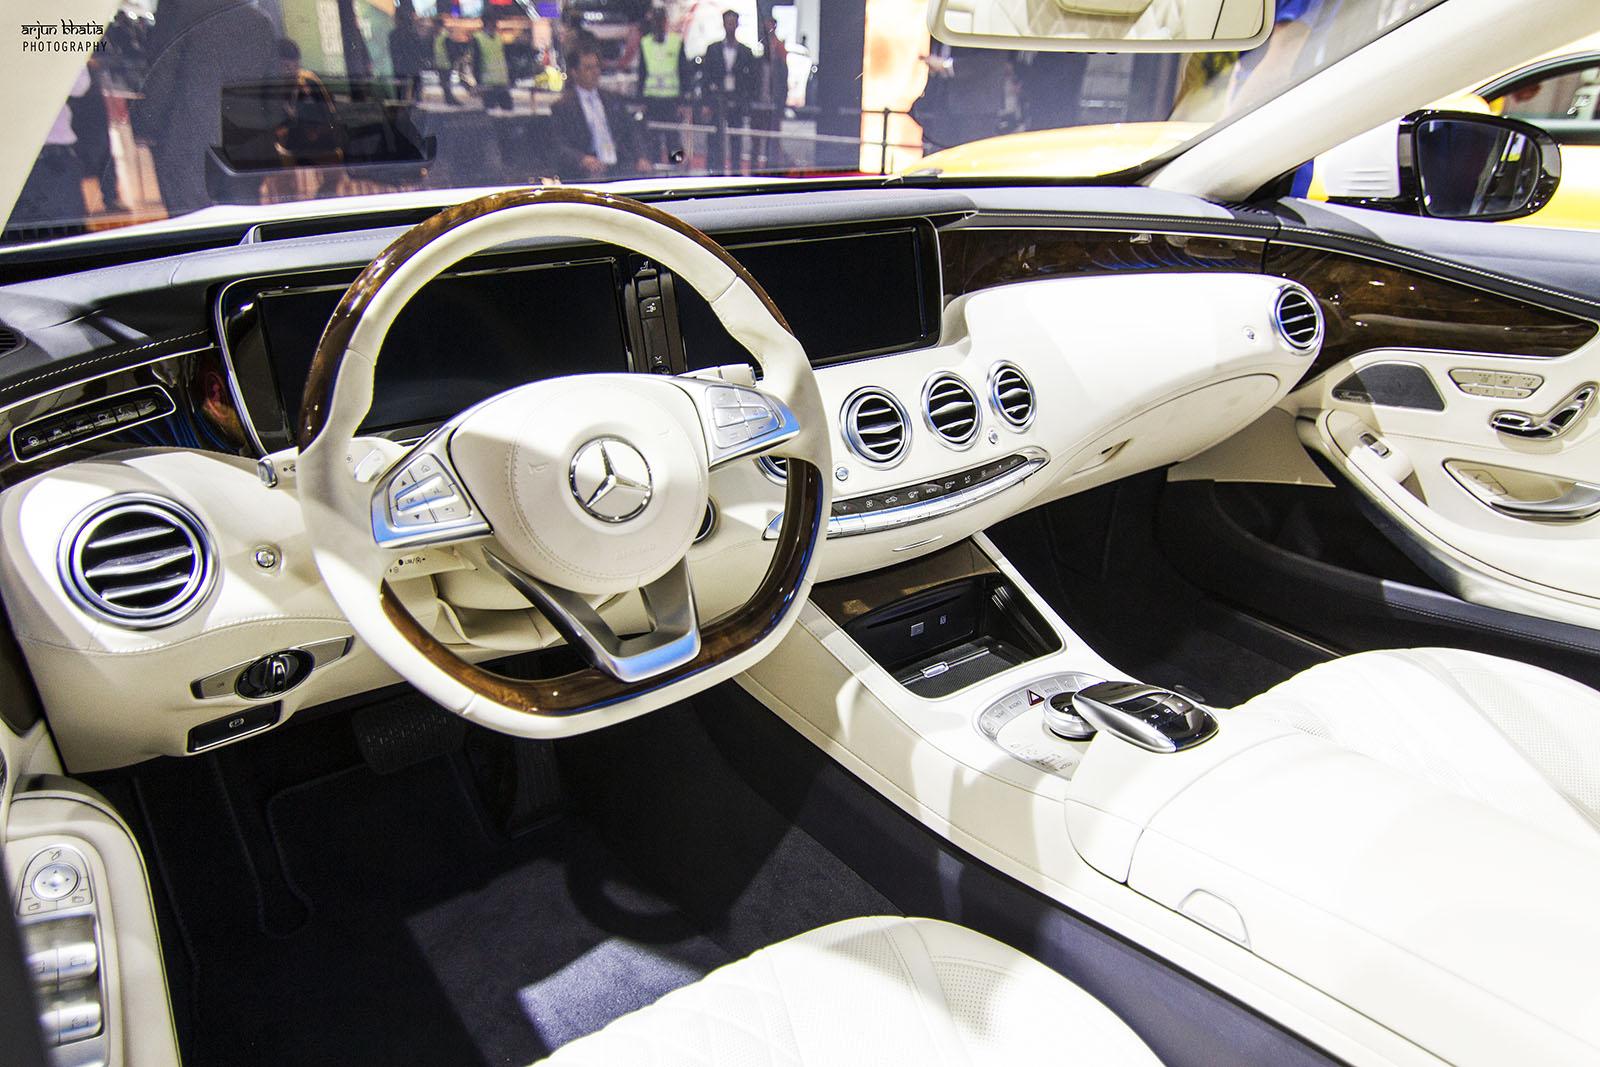 Mercedes-Benz S-Class Cabriolet Delhi Auto Expo 2016 4